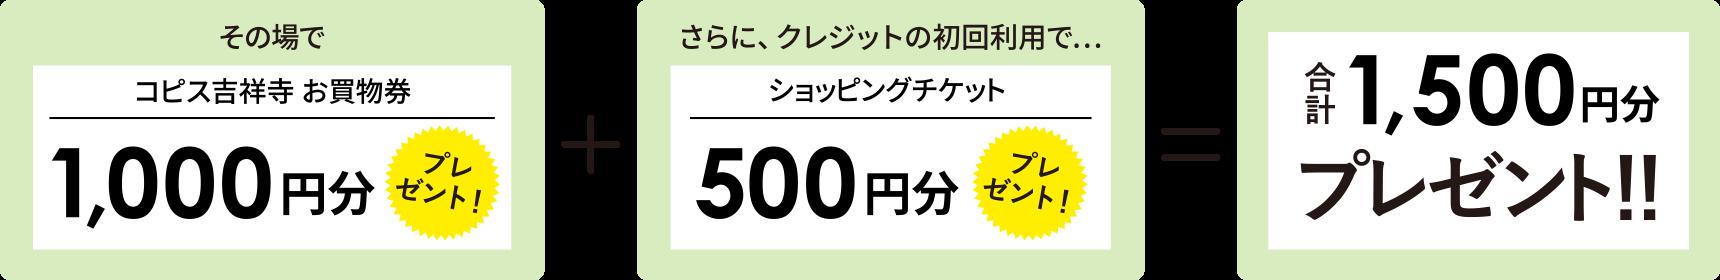 [土日祝]限定 コピスカードご入会キャンペーン